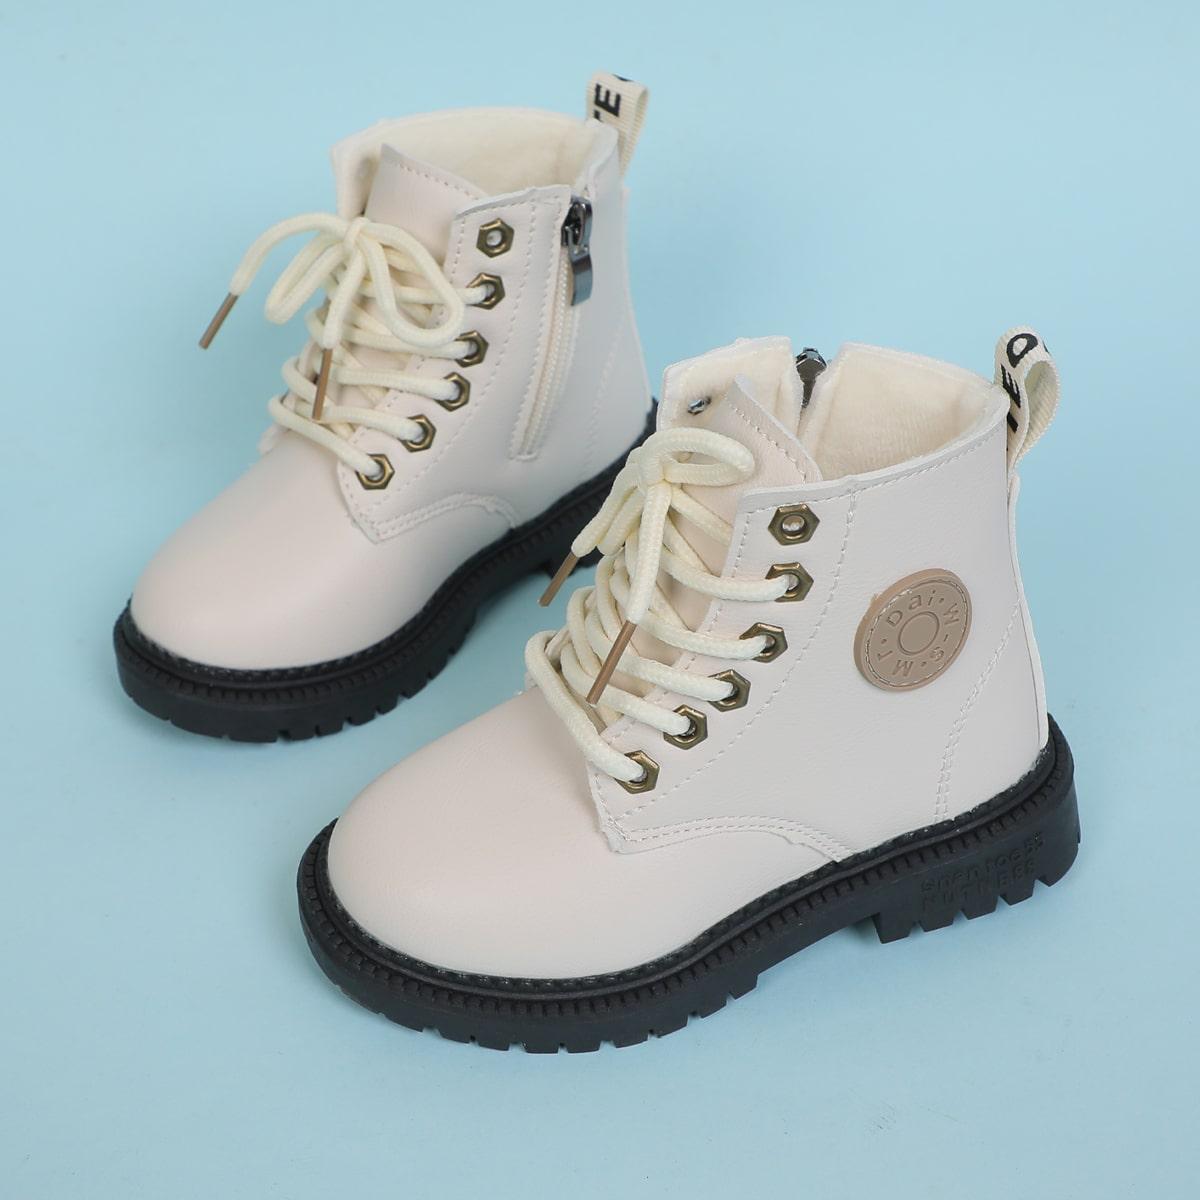 для девочек Ботинки комбат с текстовой заплатой со шнурком на молнии SheIn sk2107081111105884